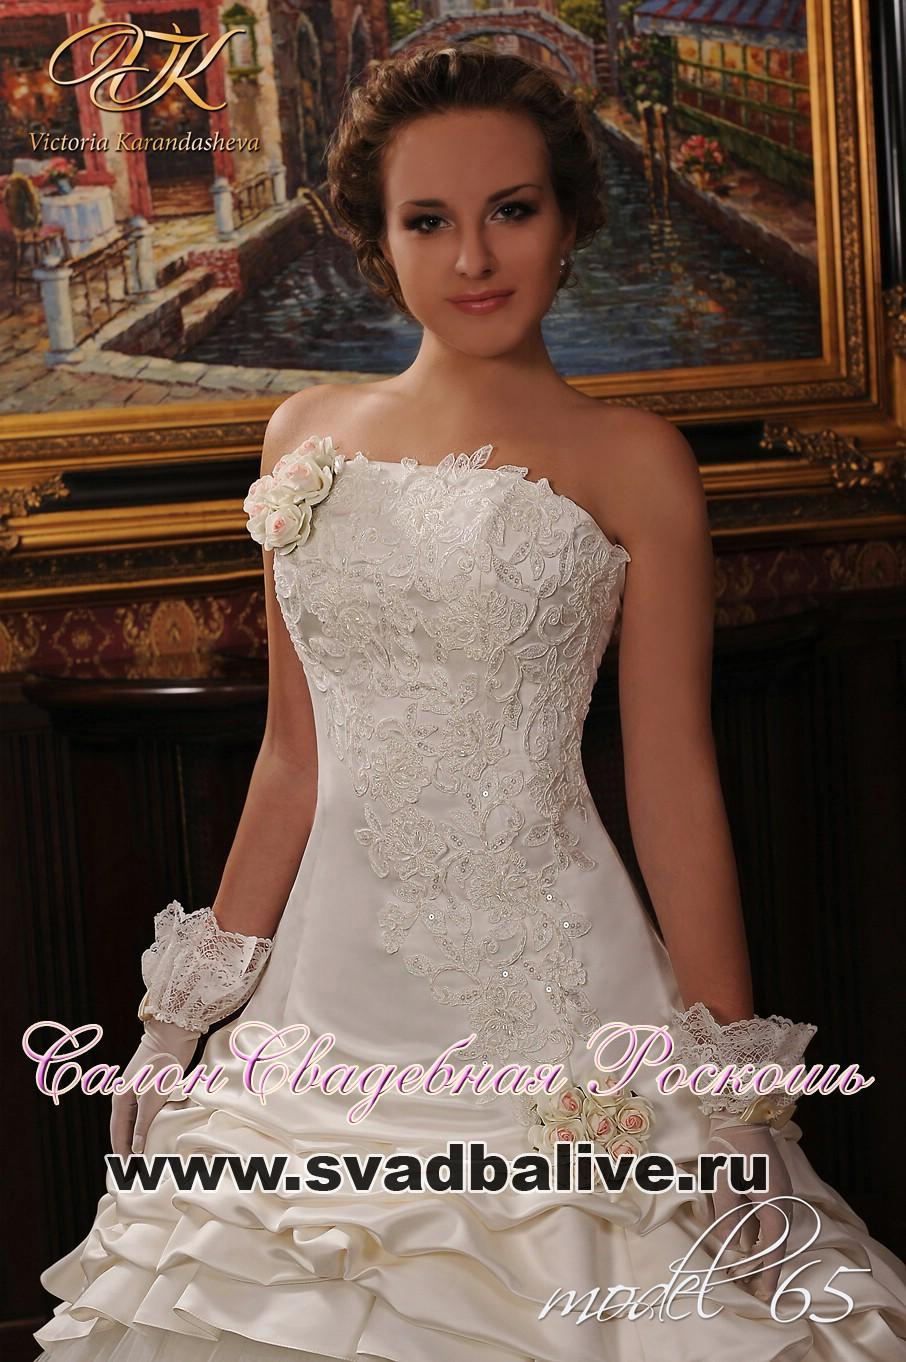 Дизайнеры свадебных платьев 4